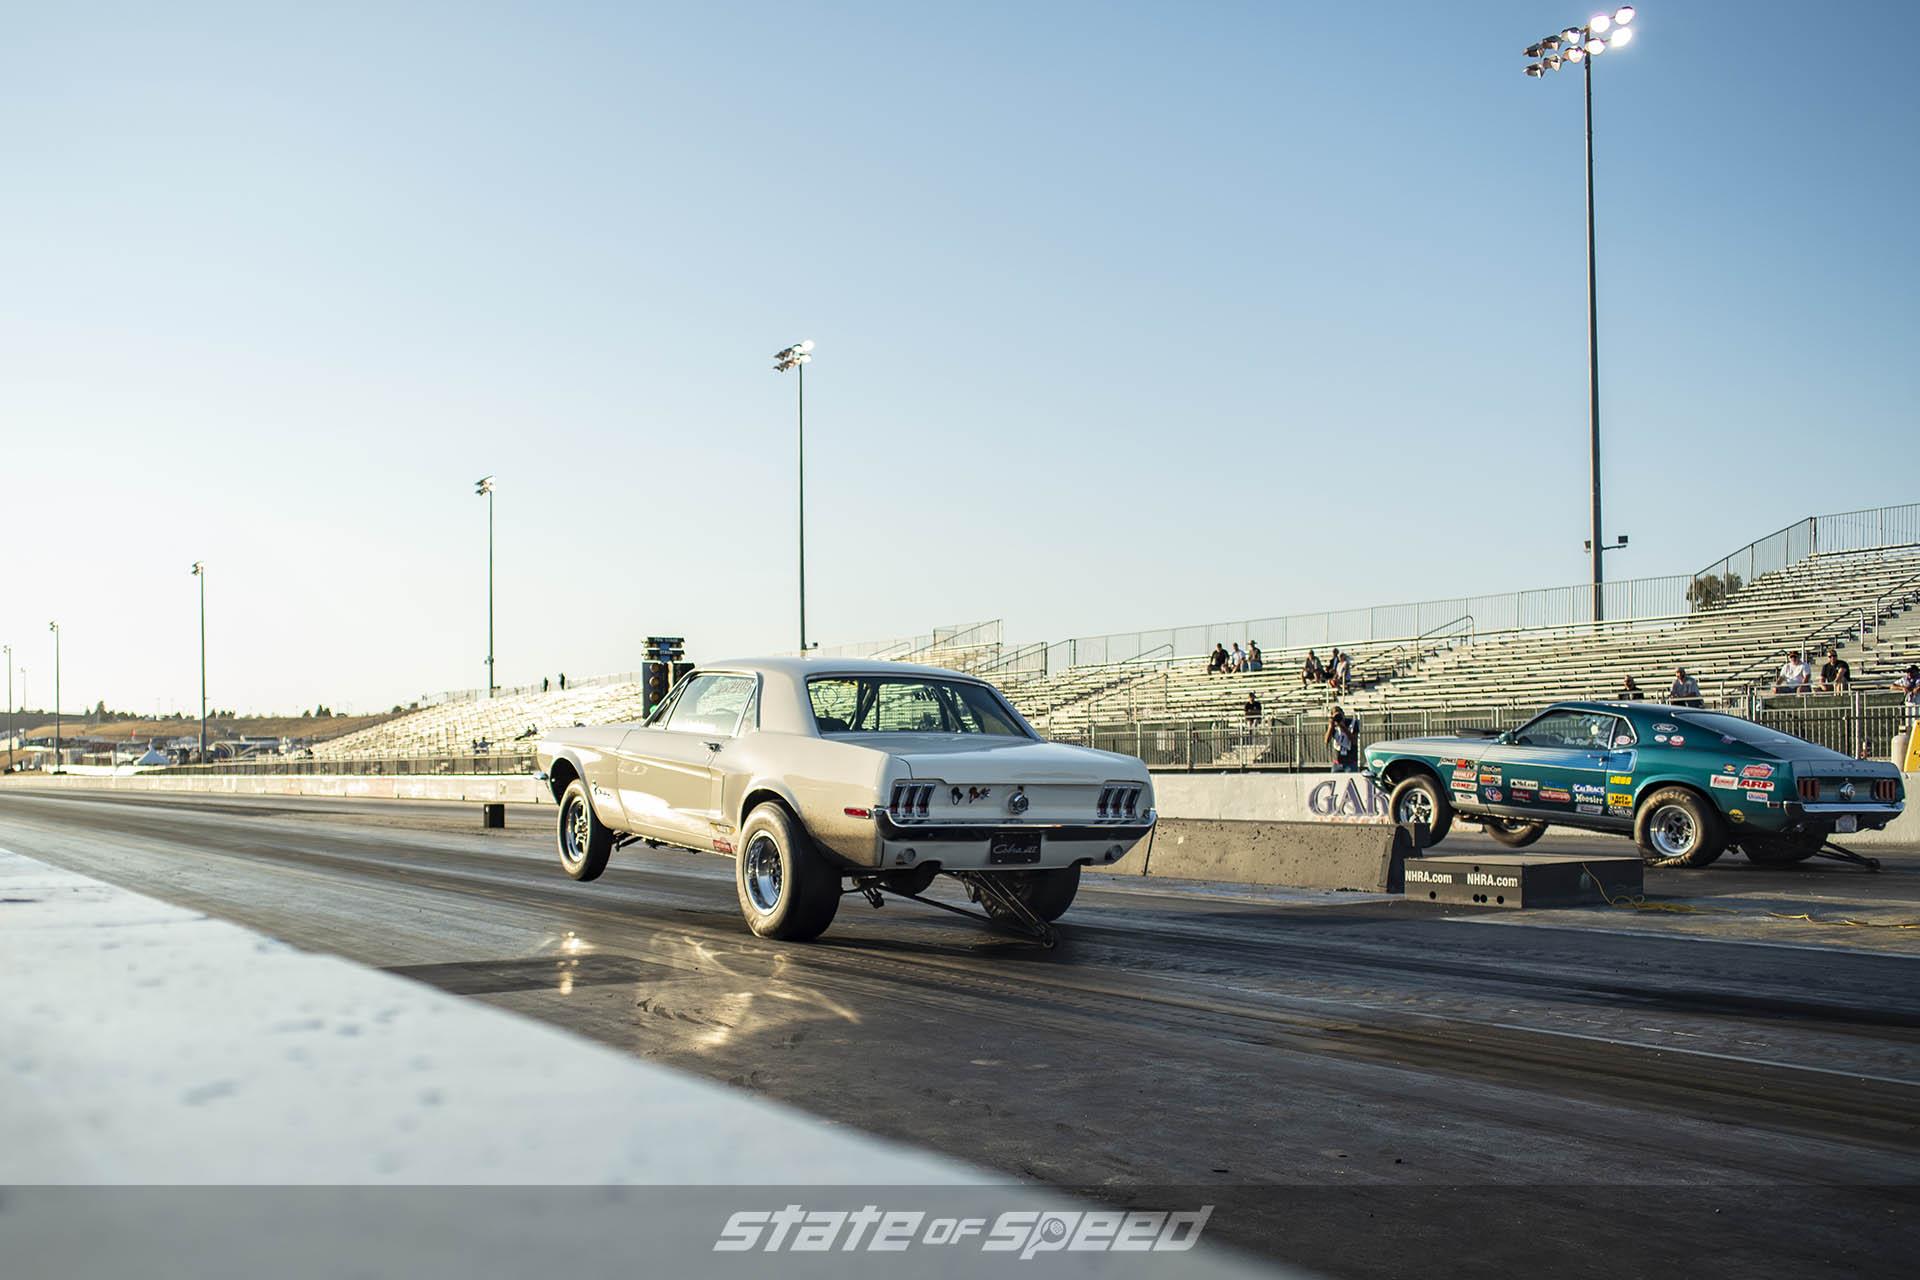 Vintage Mustangs on the drag strip